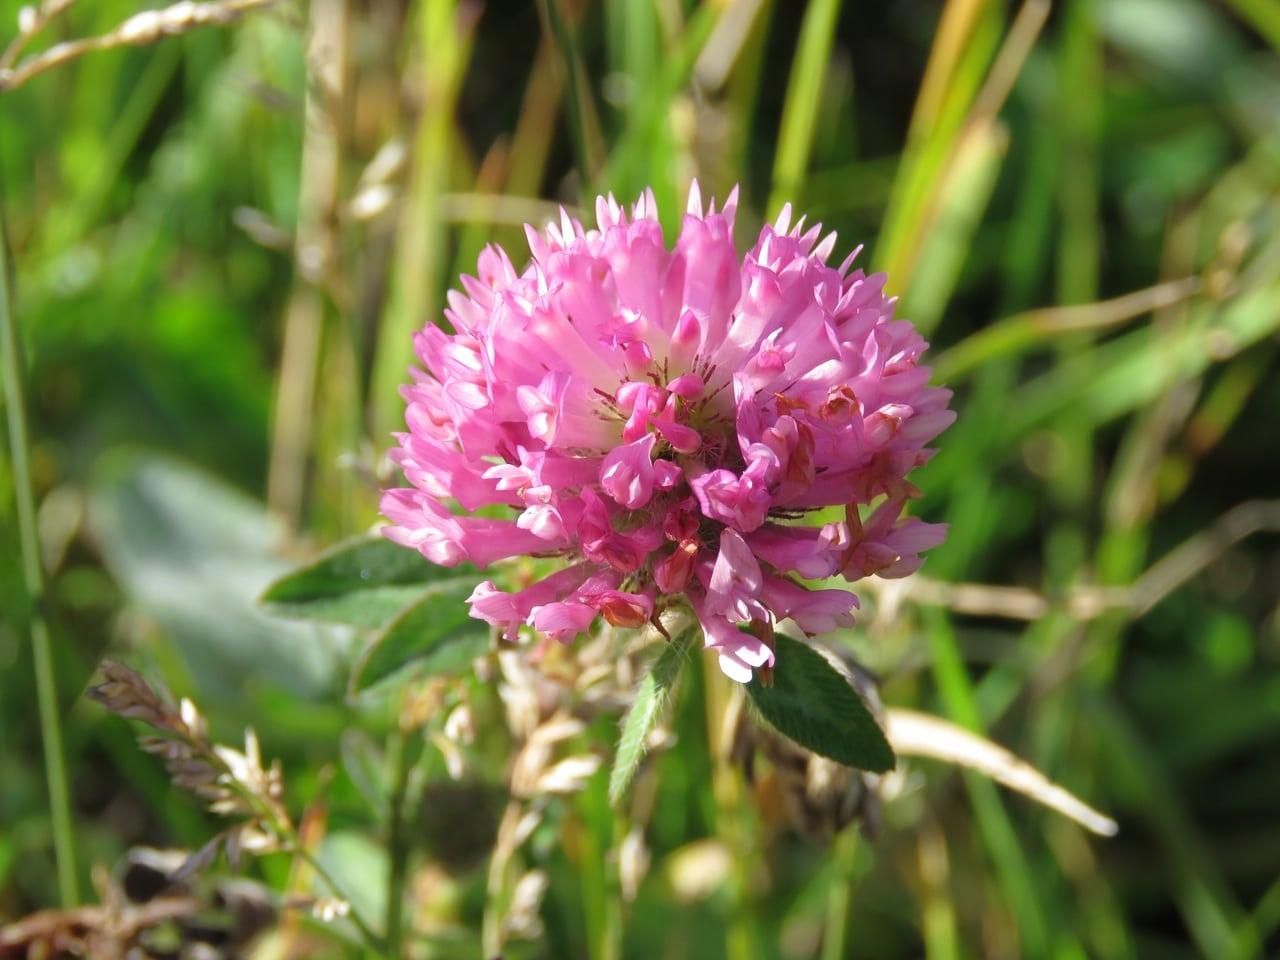 La flor del trébol rojo es de color rosa